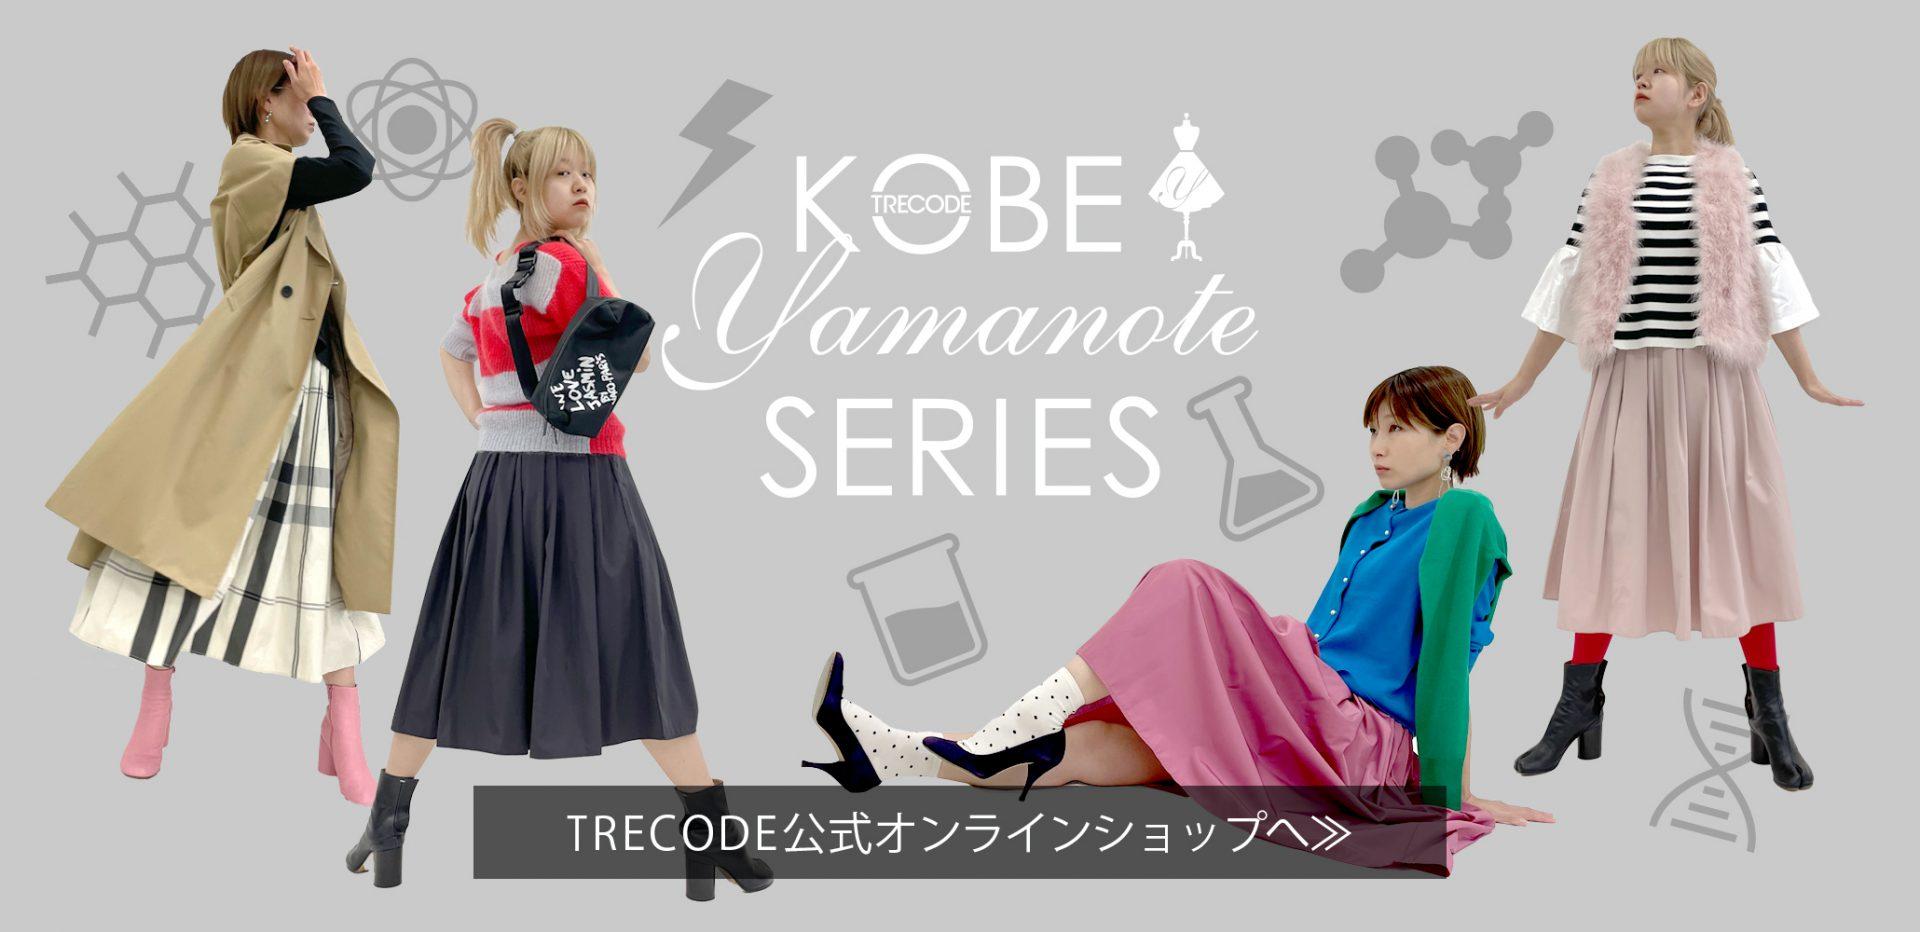 神戸・山の手スカートを中心に、バラエティに富んだスカートコーディネートを提案するブランド「トレコード」のオンラインショップ